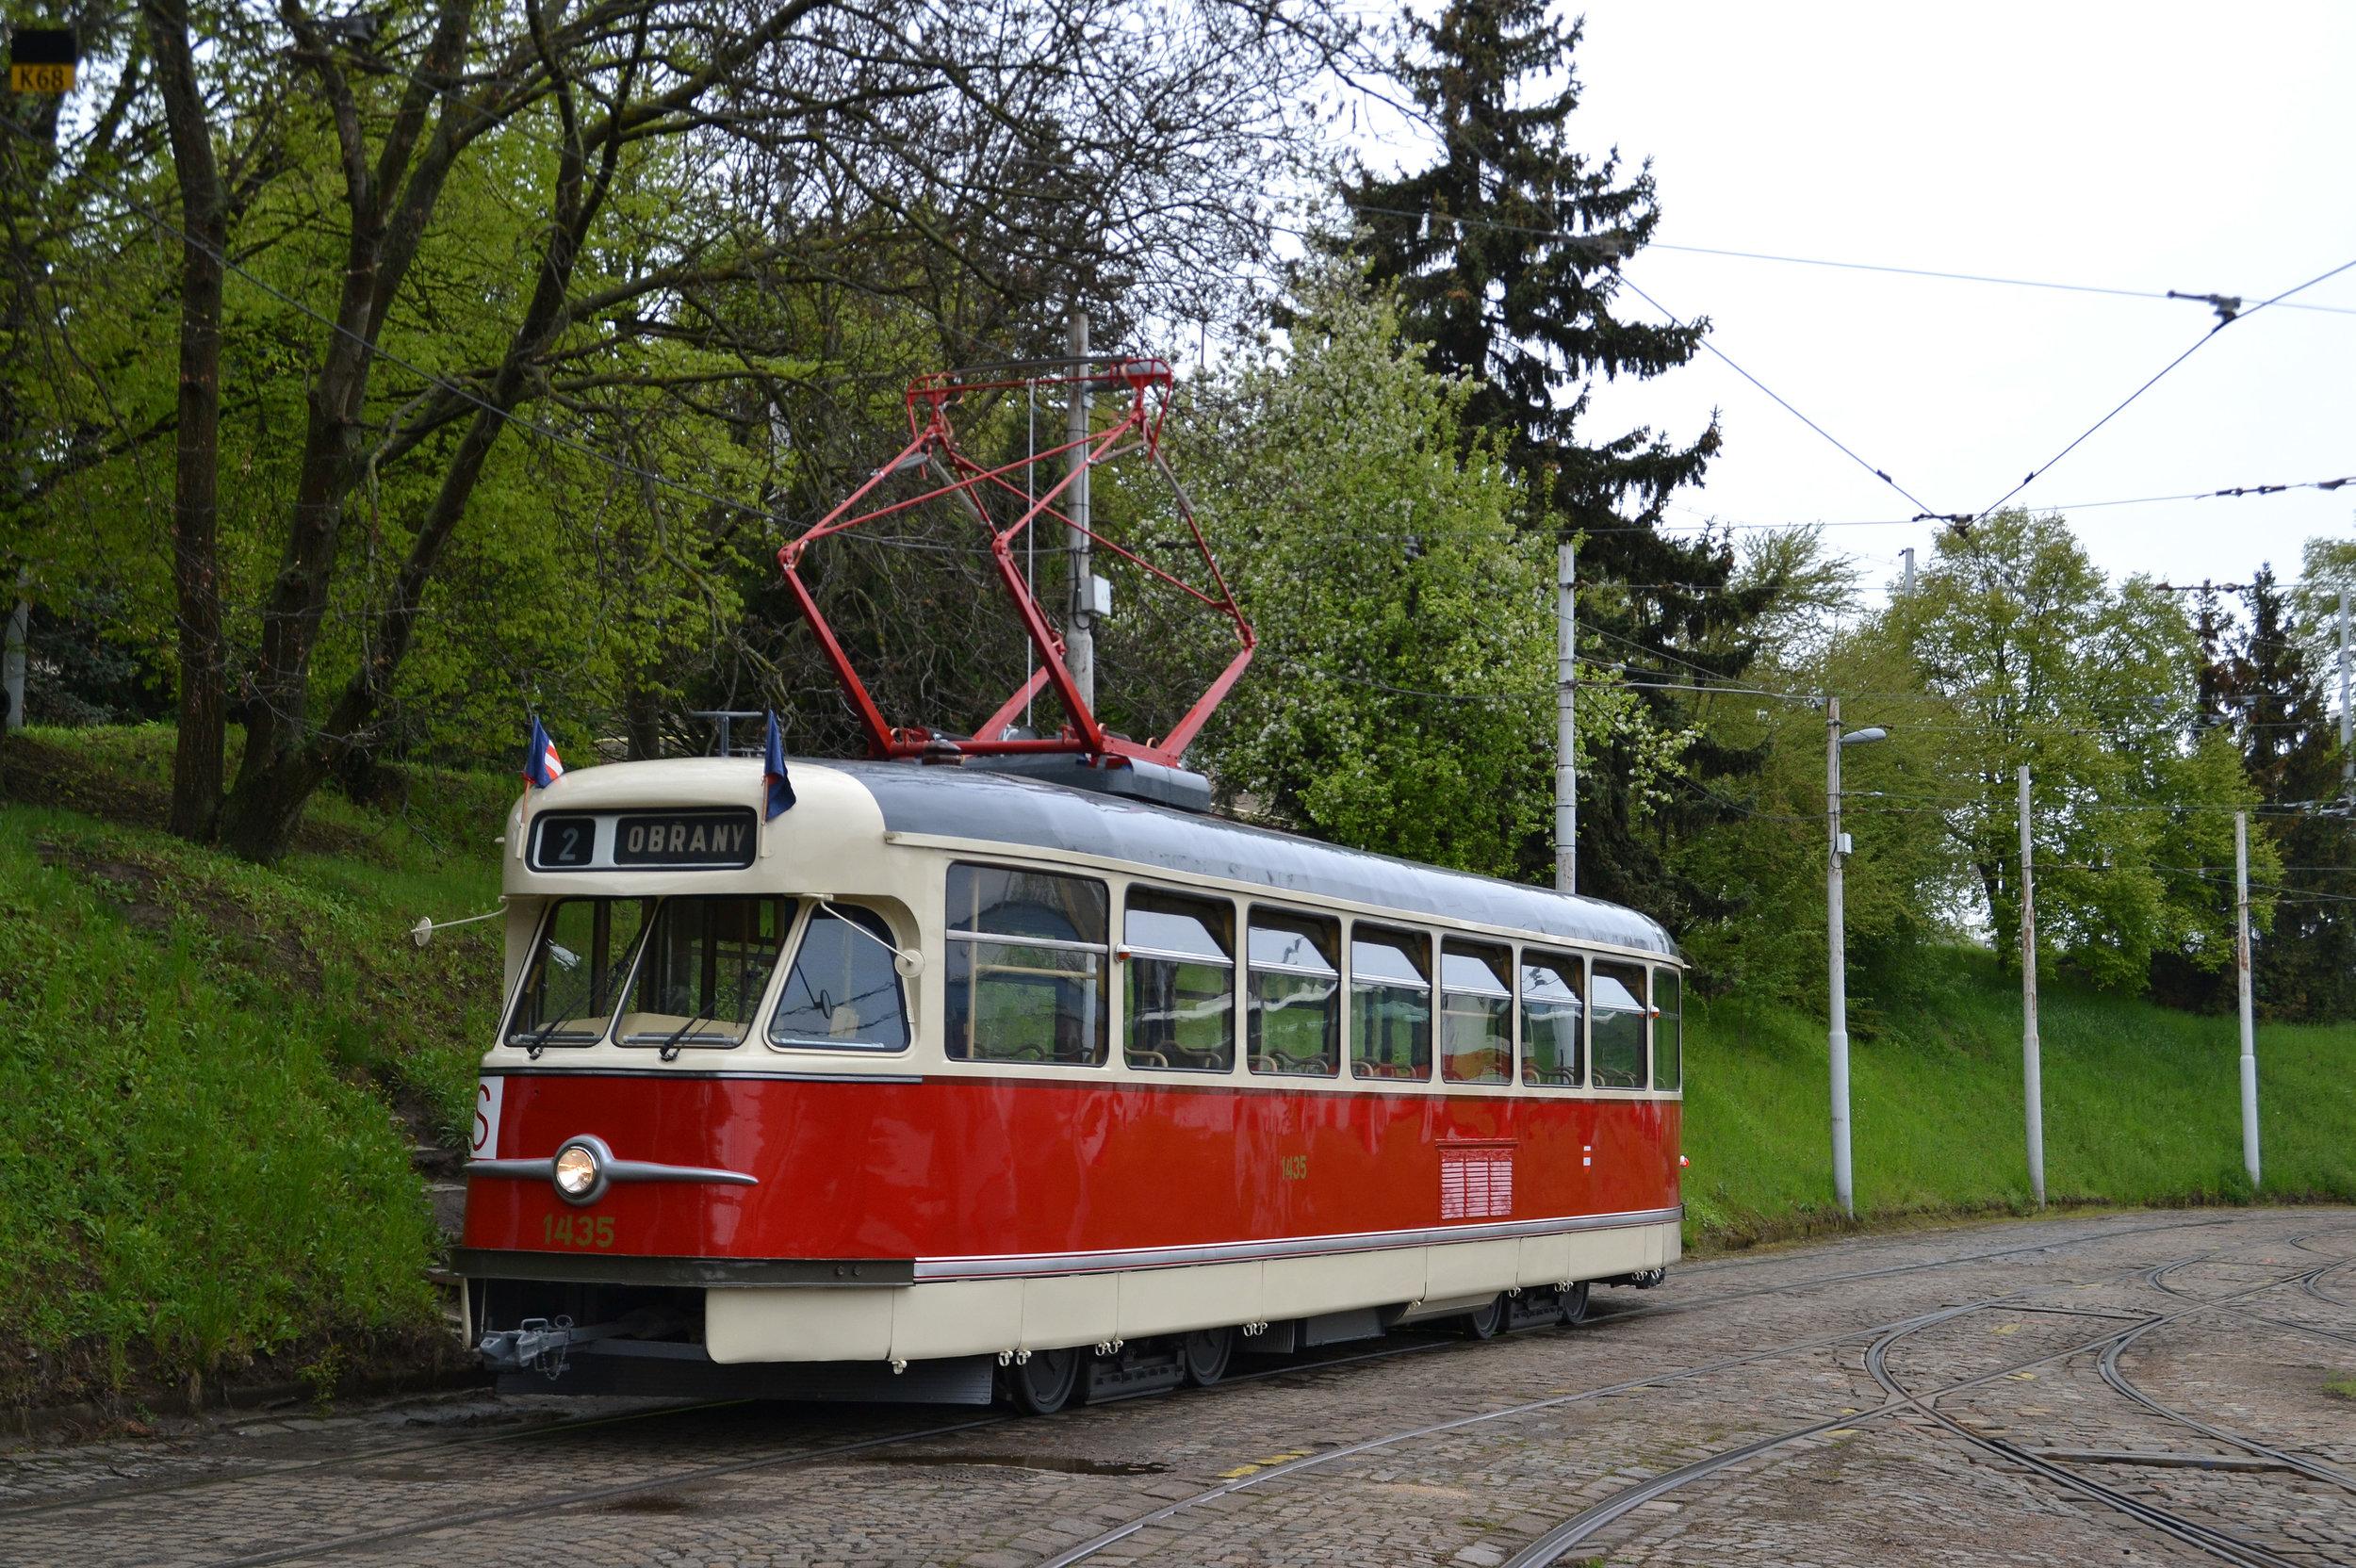 Vůz T2 ev. č. 1435 se jistě stane velkým lákadlem pro fanoušky veřejné dopravy. (foto: Ing. Jiří Černý)